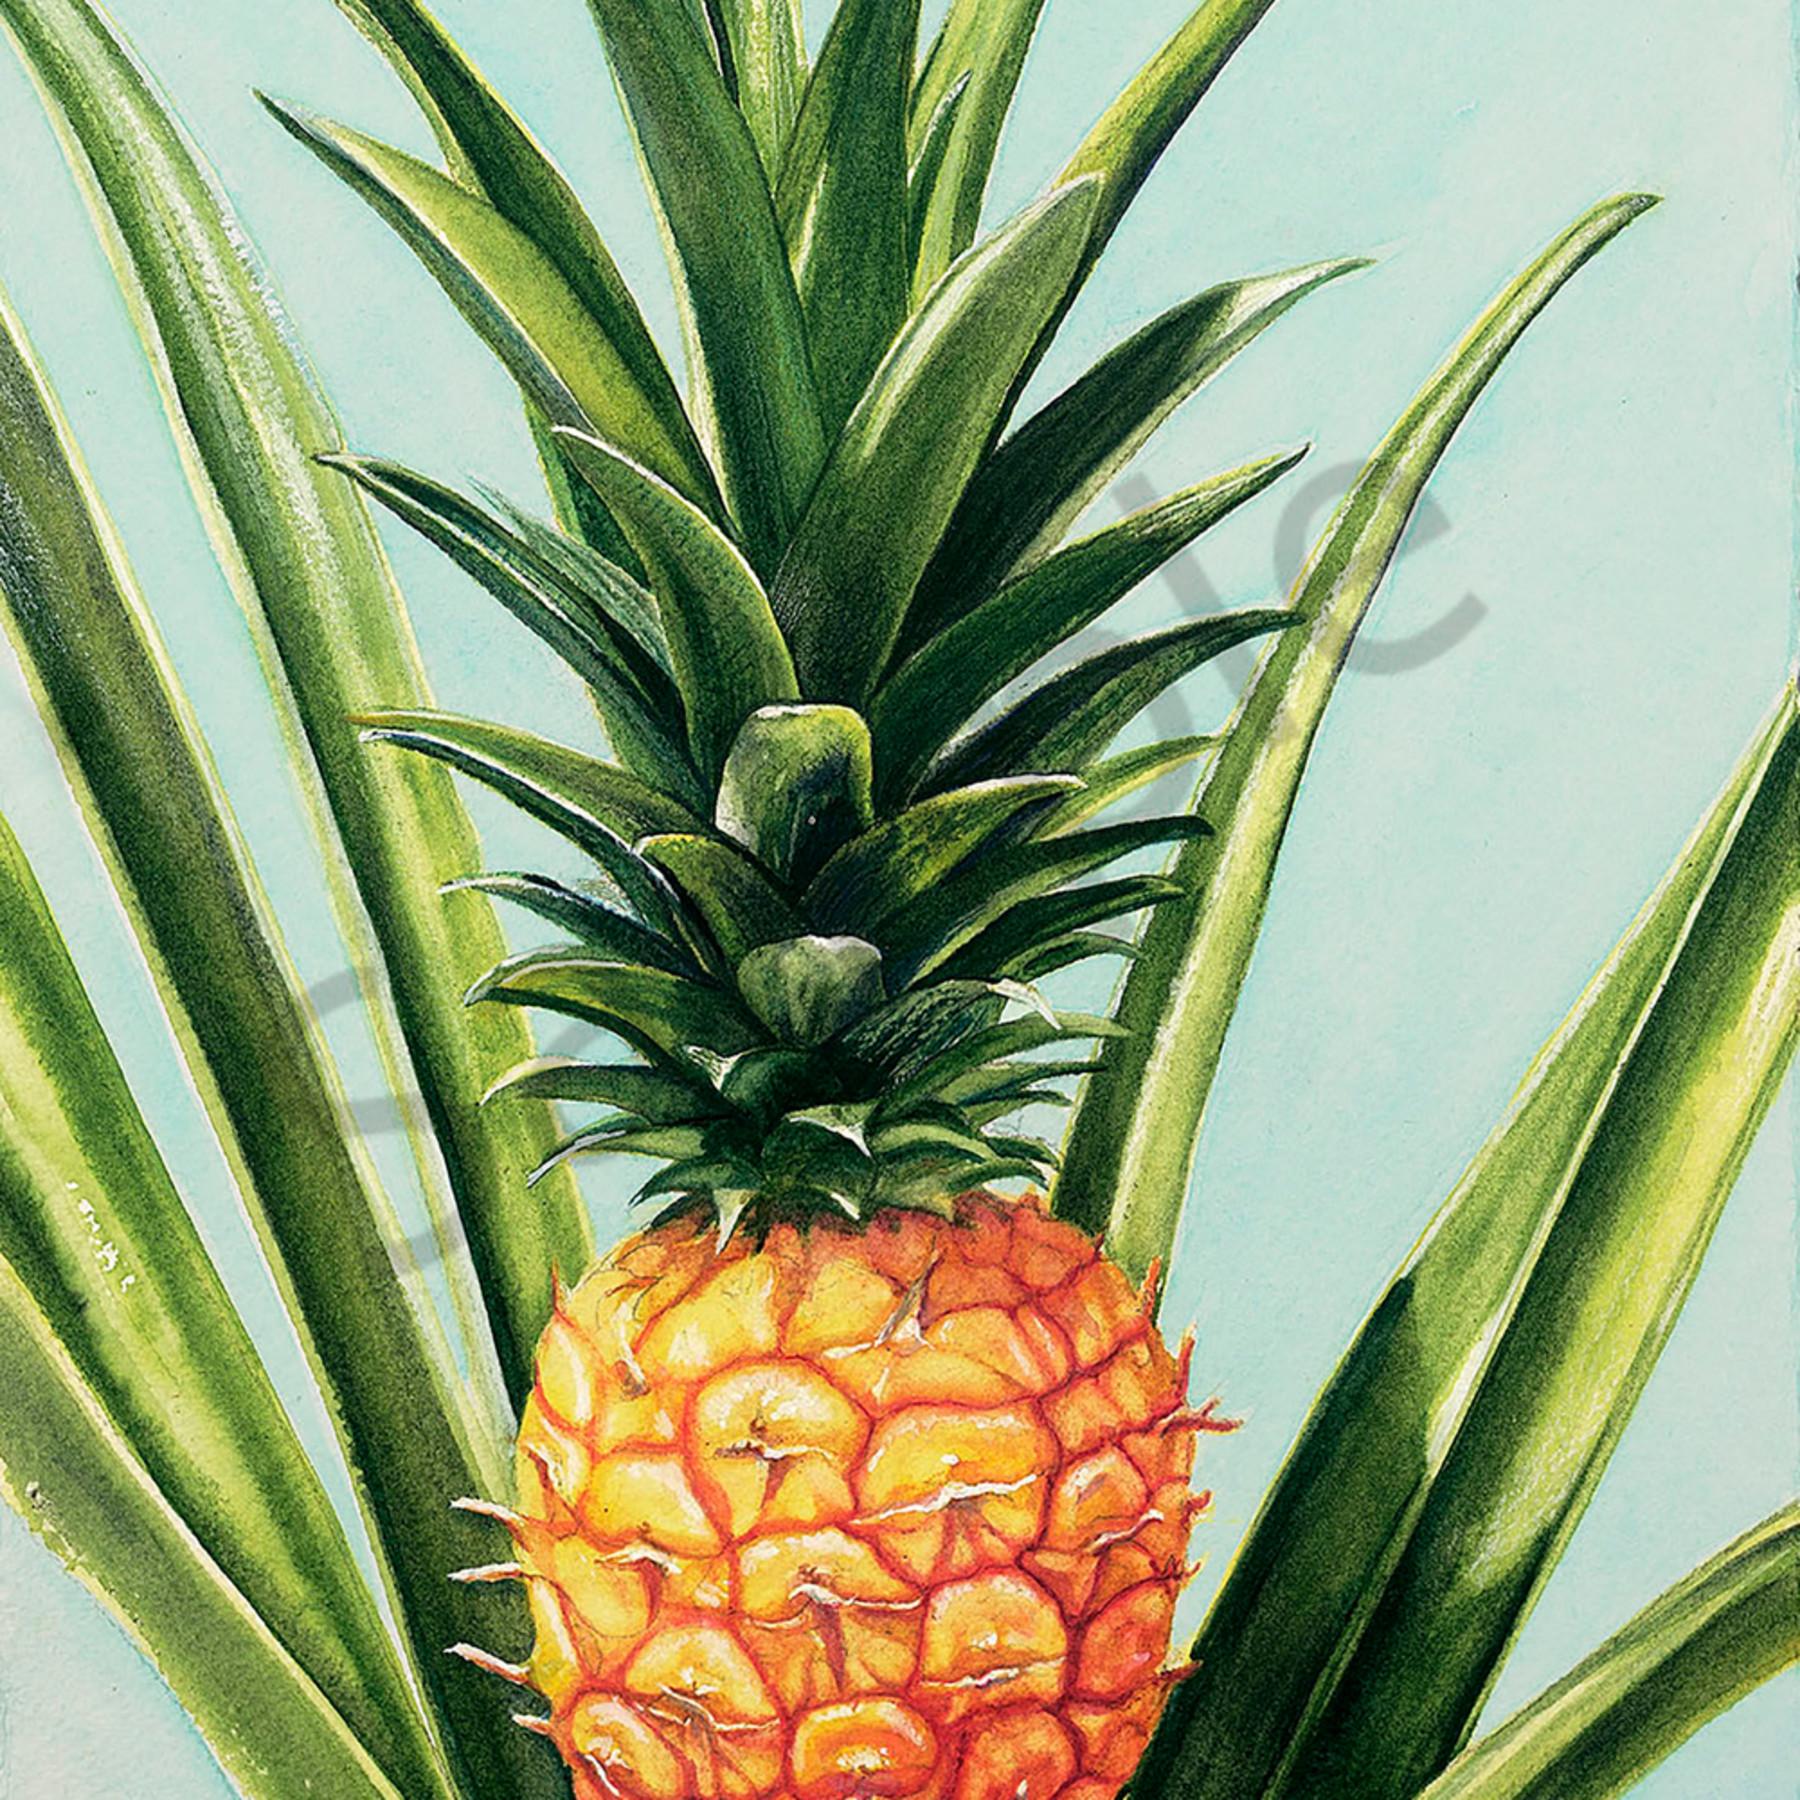 Pineapple xmuhkw